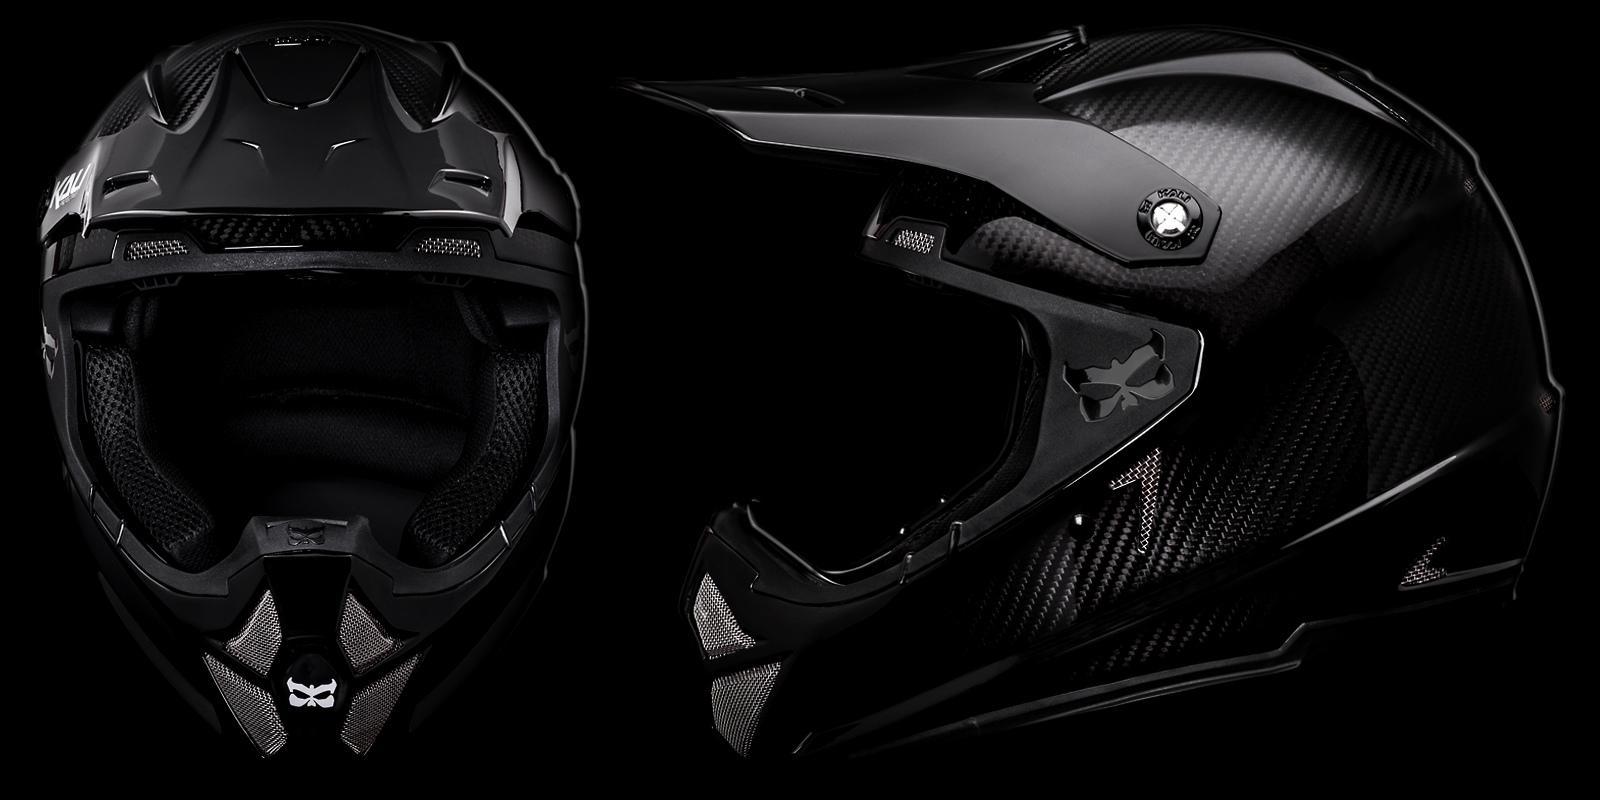 Kali Releases All New Full Face Helmet – Shiva 2.0